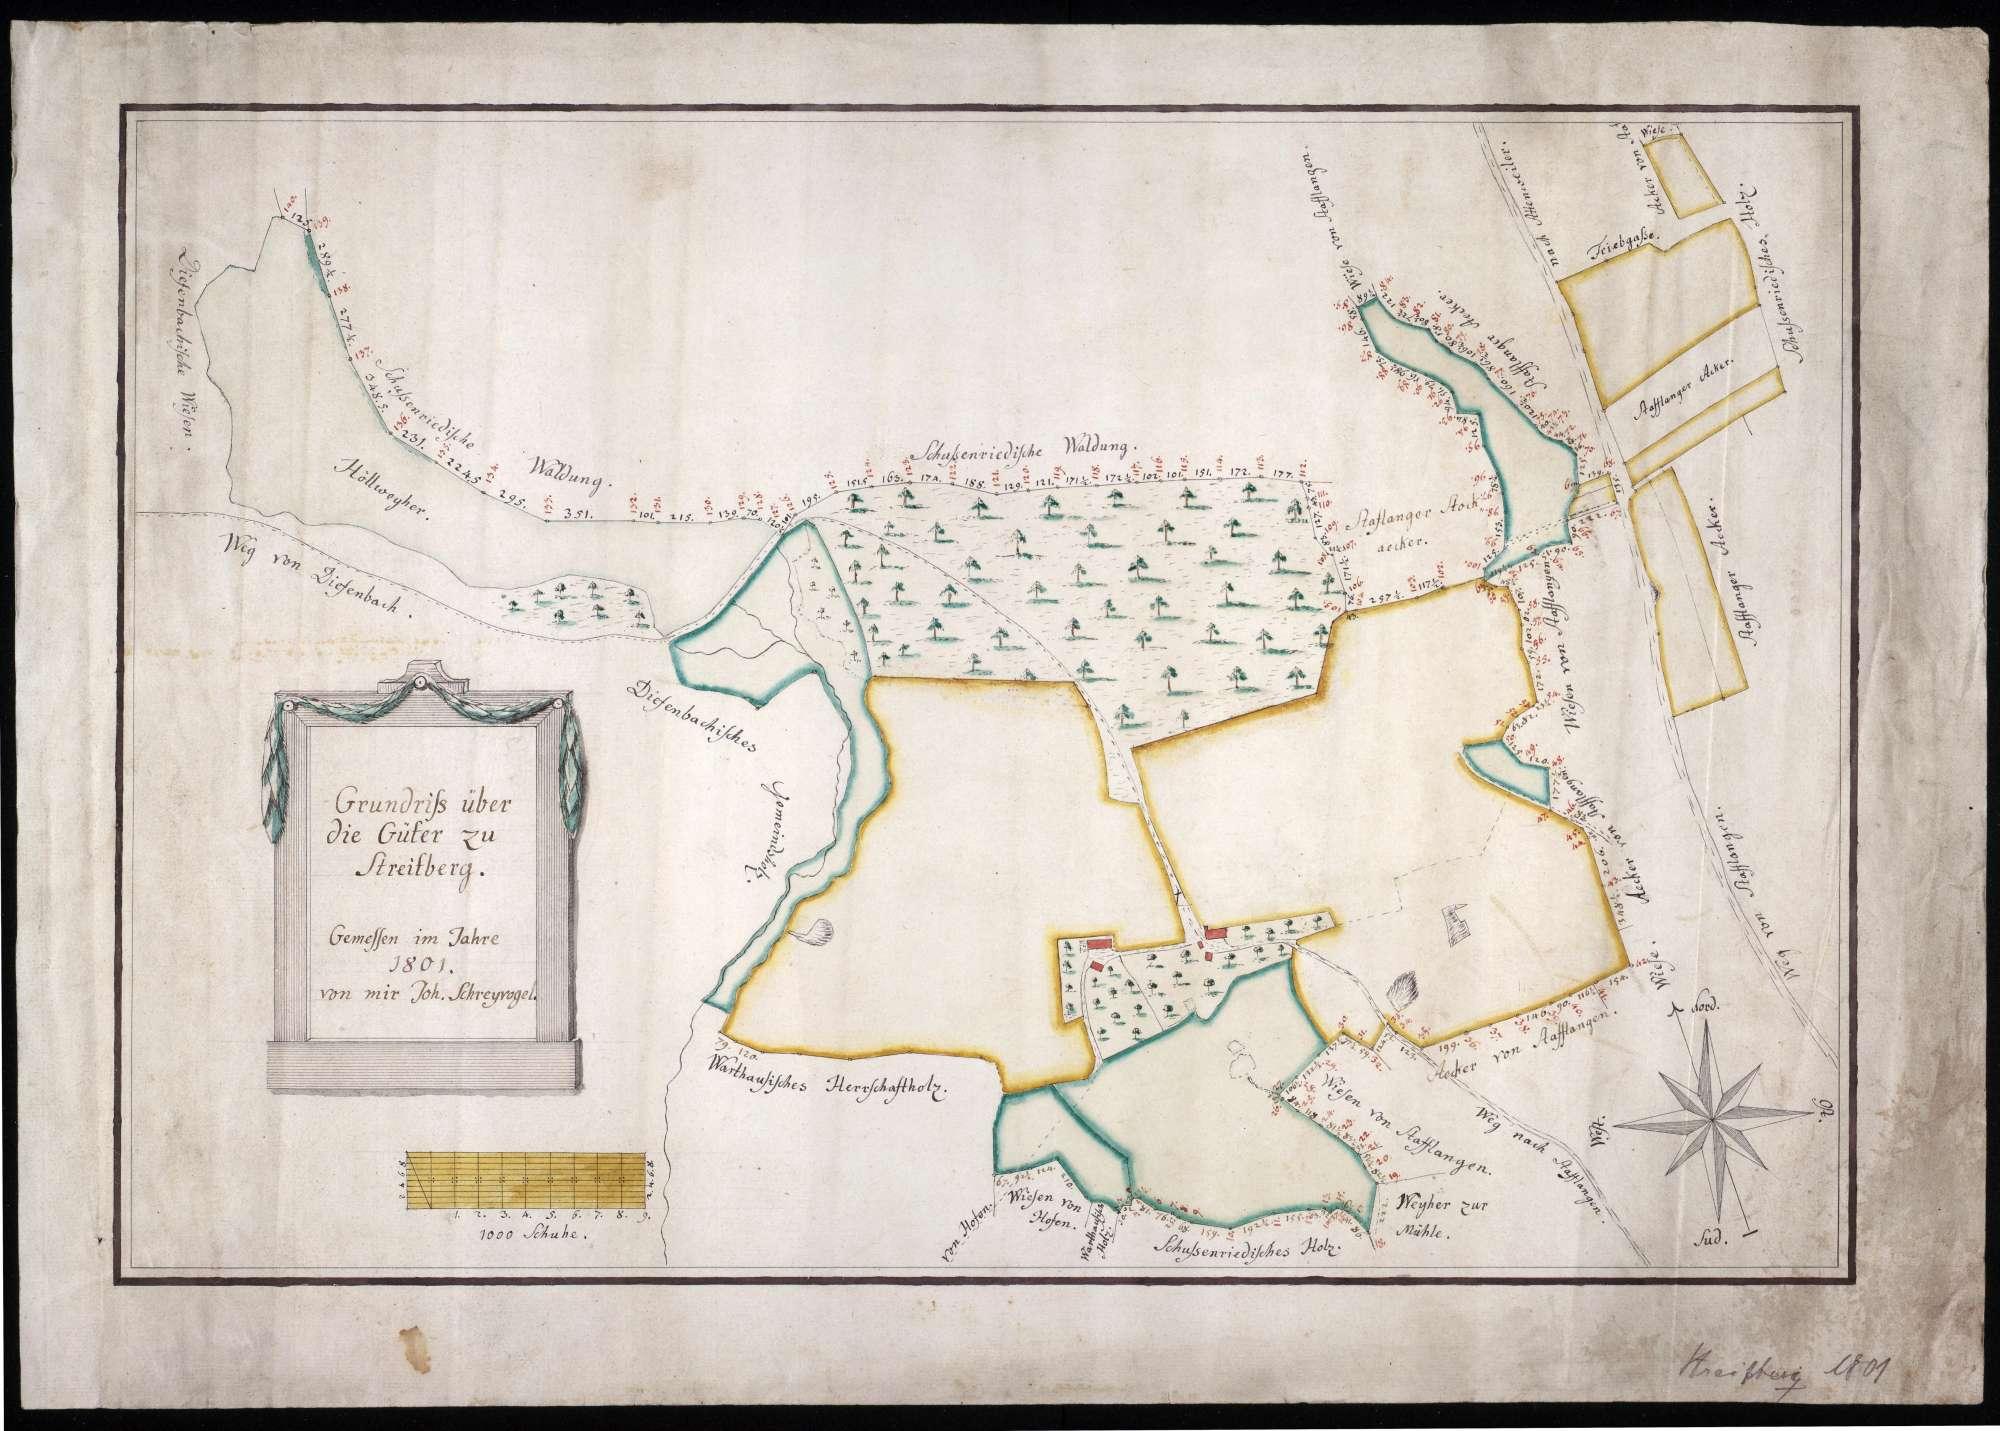 Streitberg Maßstab ca. 1 : 400 Zeichner: Johann Schreyvogel col. handgez., Bild 1